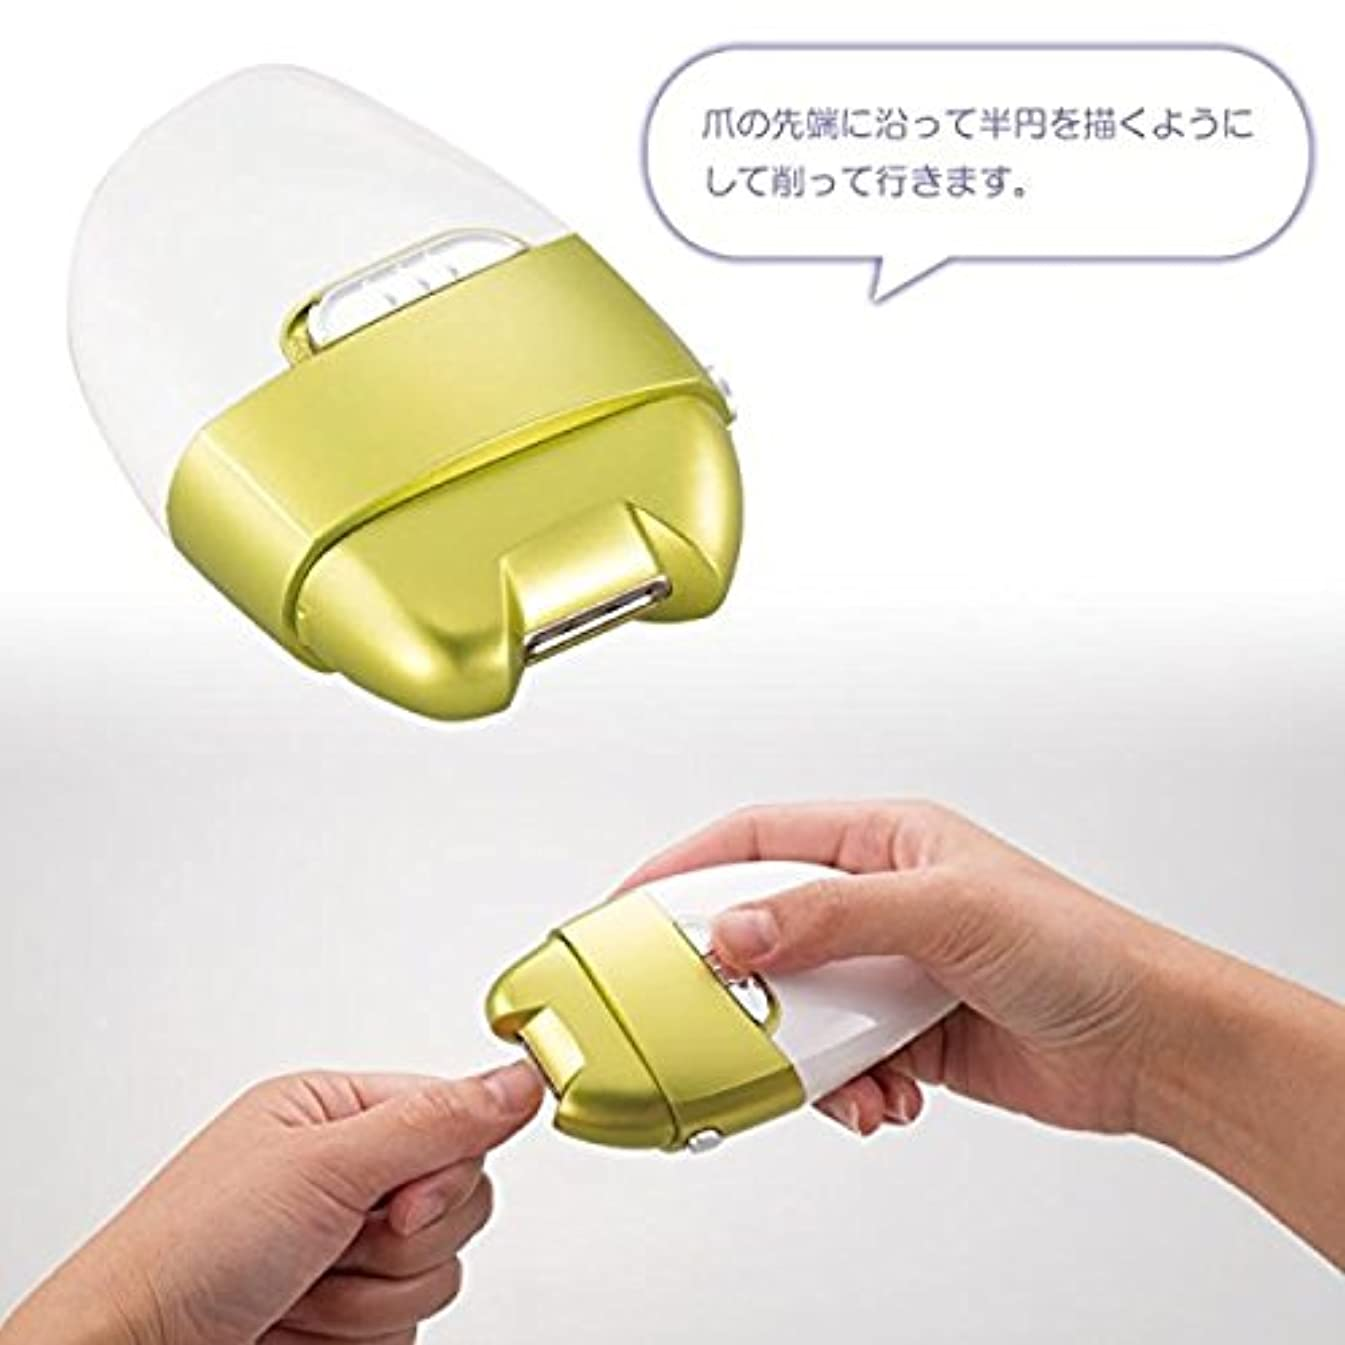 適合する名声ピット電動爪削り Leaf dS-1651428